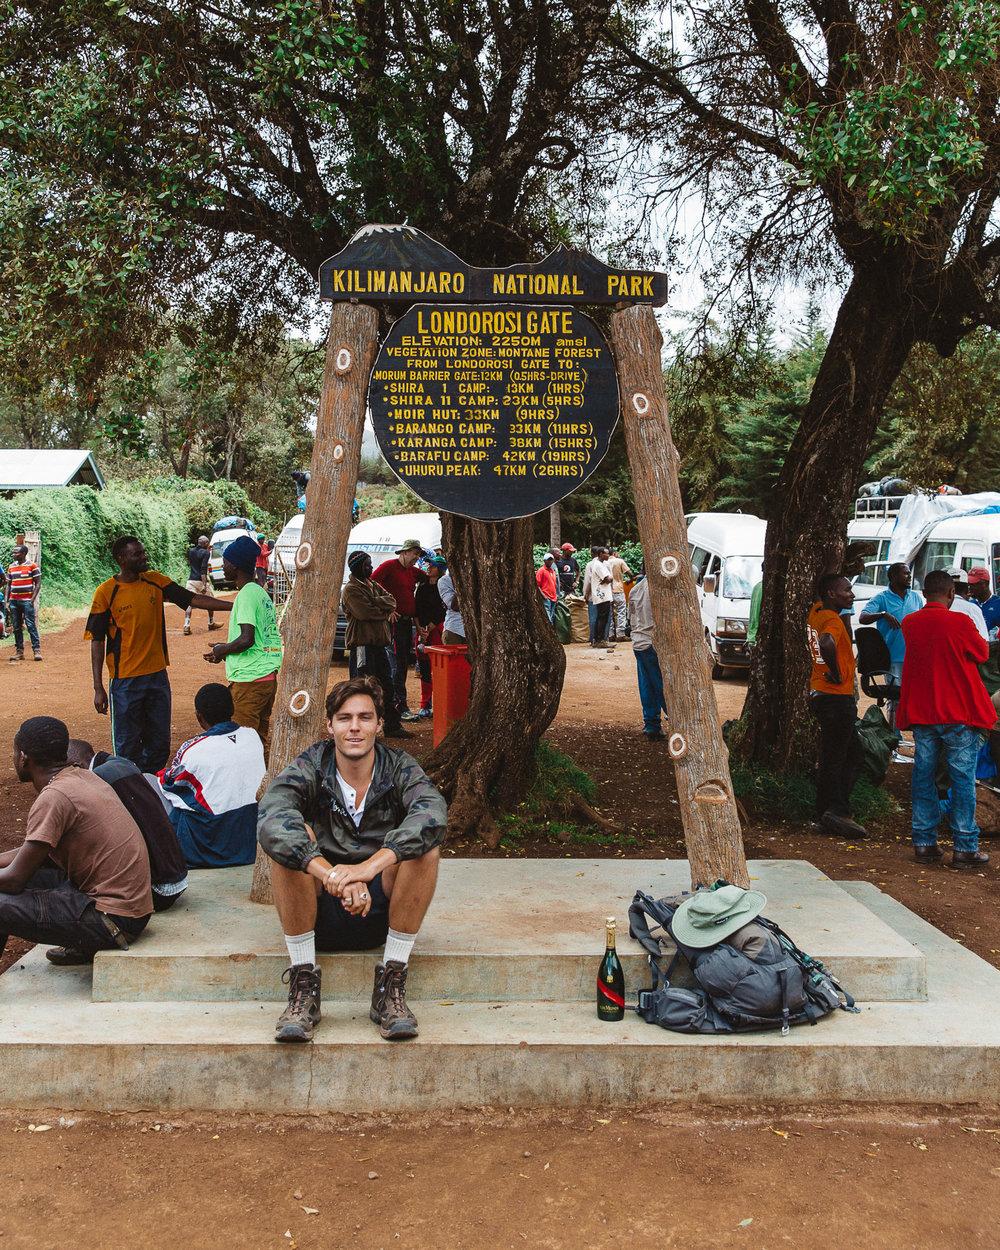 captainbarto-blog-adambartoshesky-misterspoils-mtkilimanjaro-tanzania-october2017-day1159.jpg